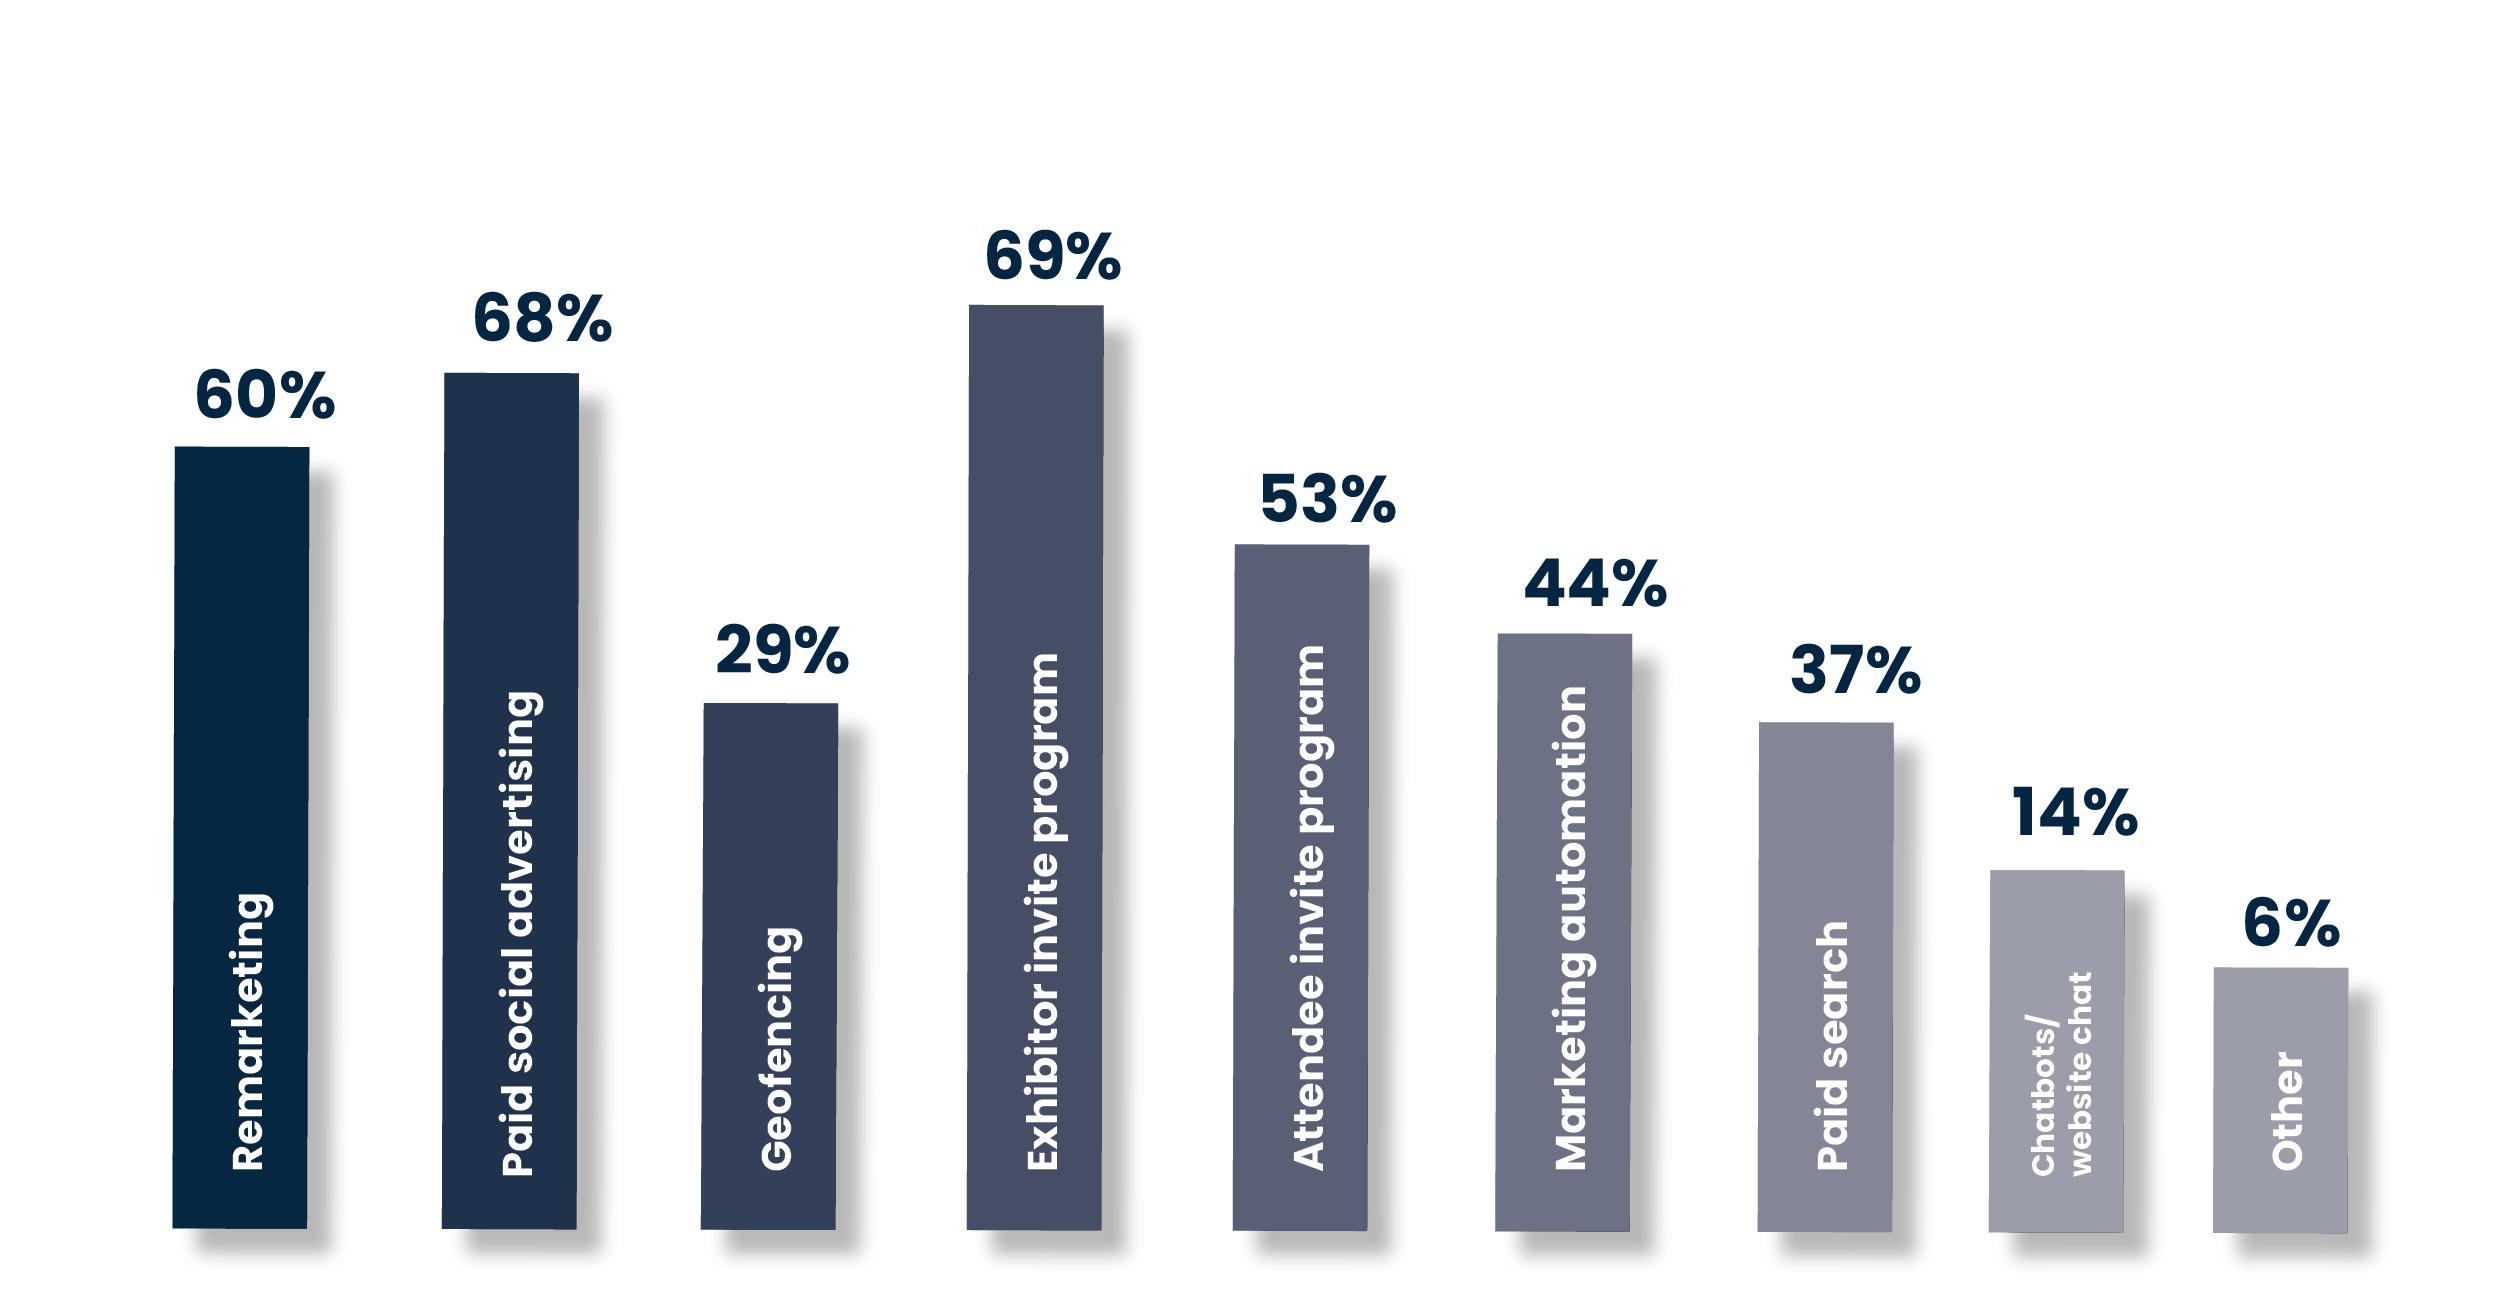 survey-images-facebook-linkedin5-1